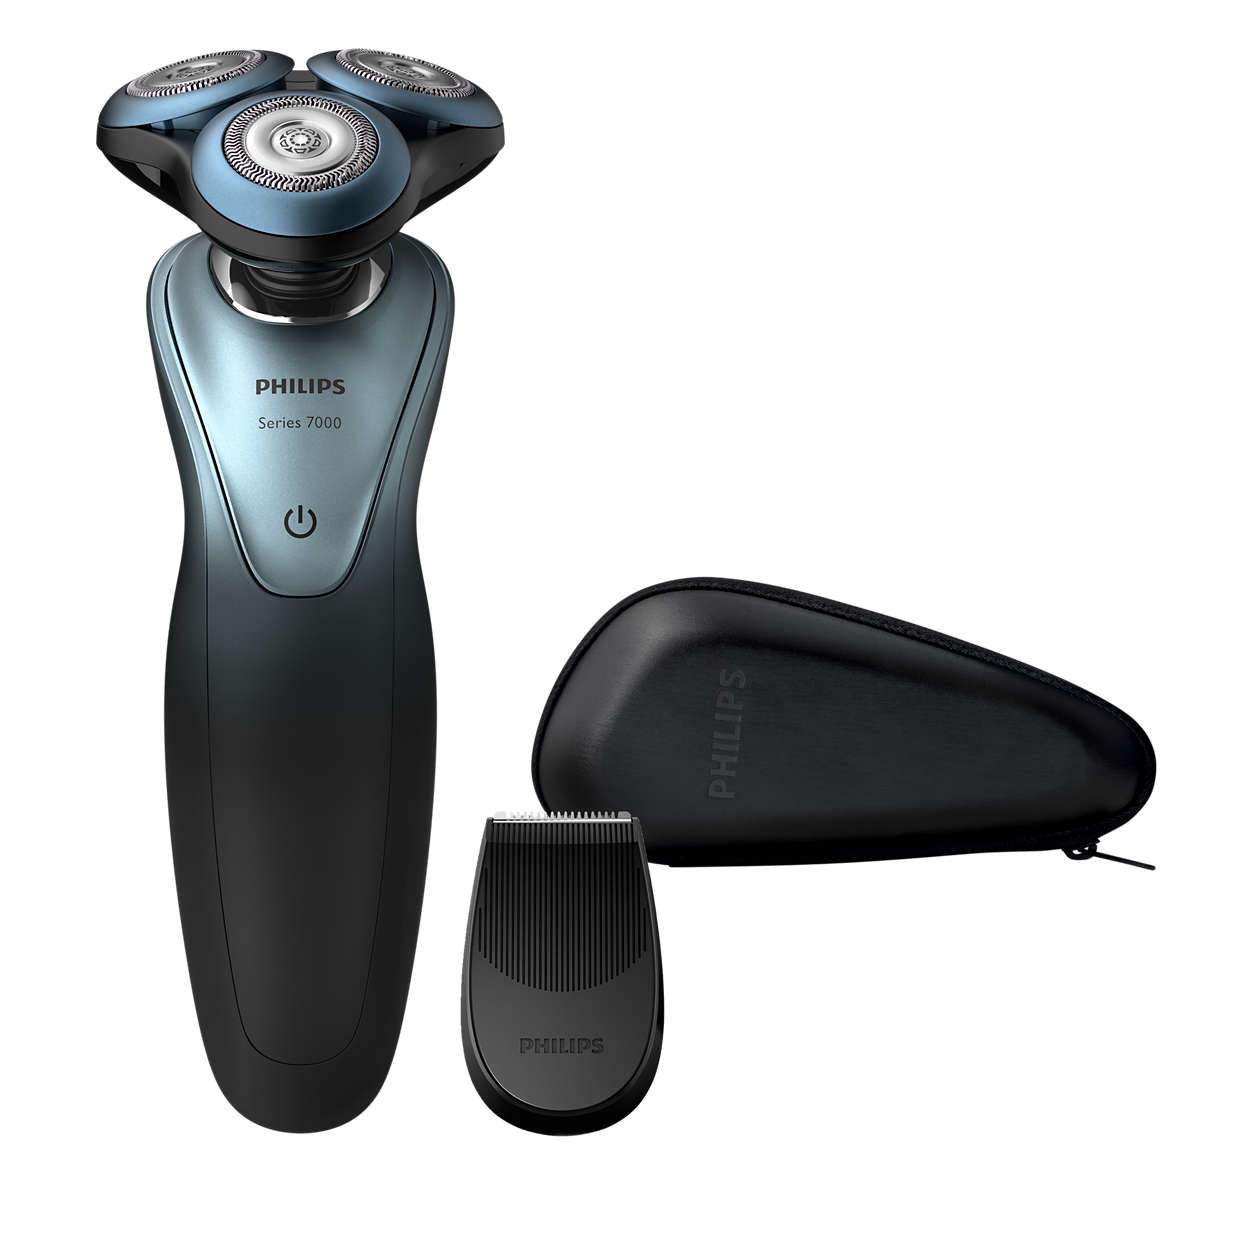 Βαθύ ξύρισμα, ακόμα και στο ευαίσθητο δέρμα